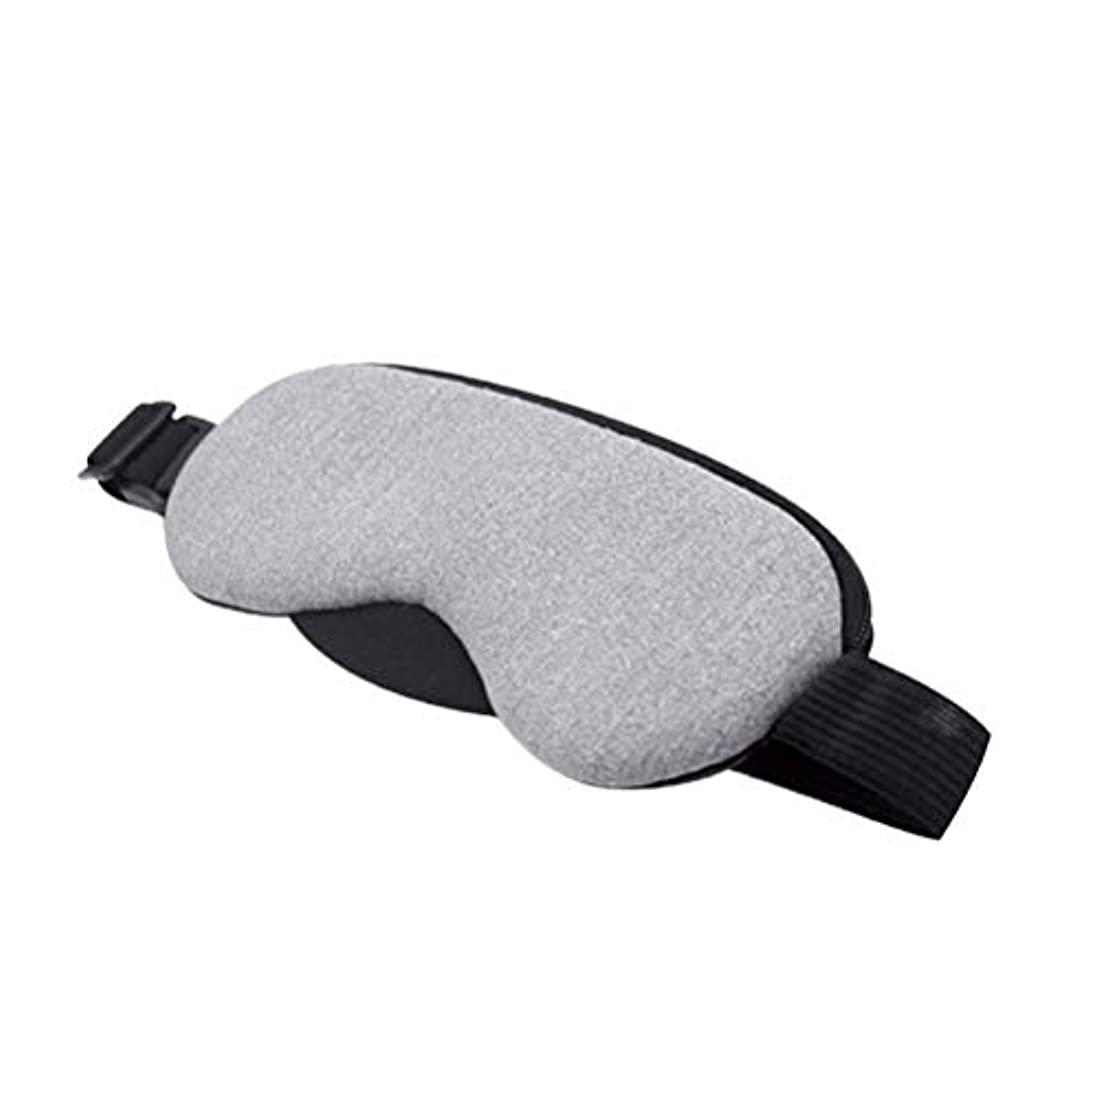 ピース力強い平野Healifty アイマスク 蒸気ホットアイマスク USB 加熱式 スリーピングアイマスク 温度とタイミング制御 吹き出物/乾燥/疲れた目(灰色)